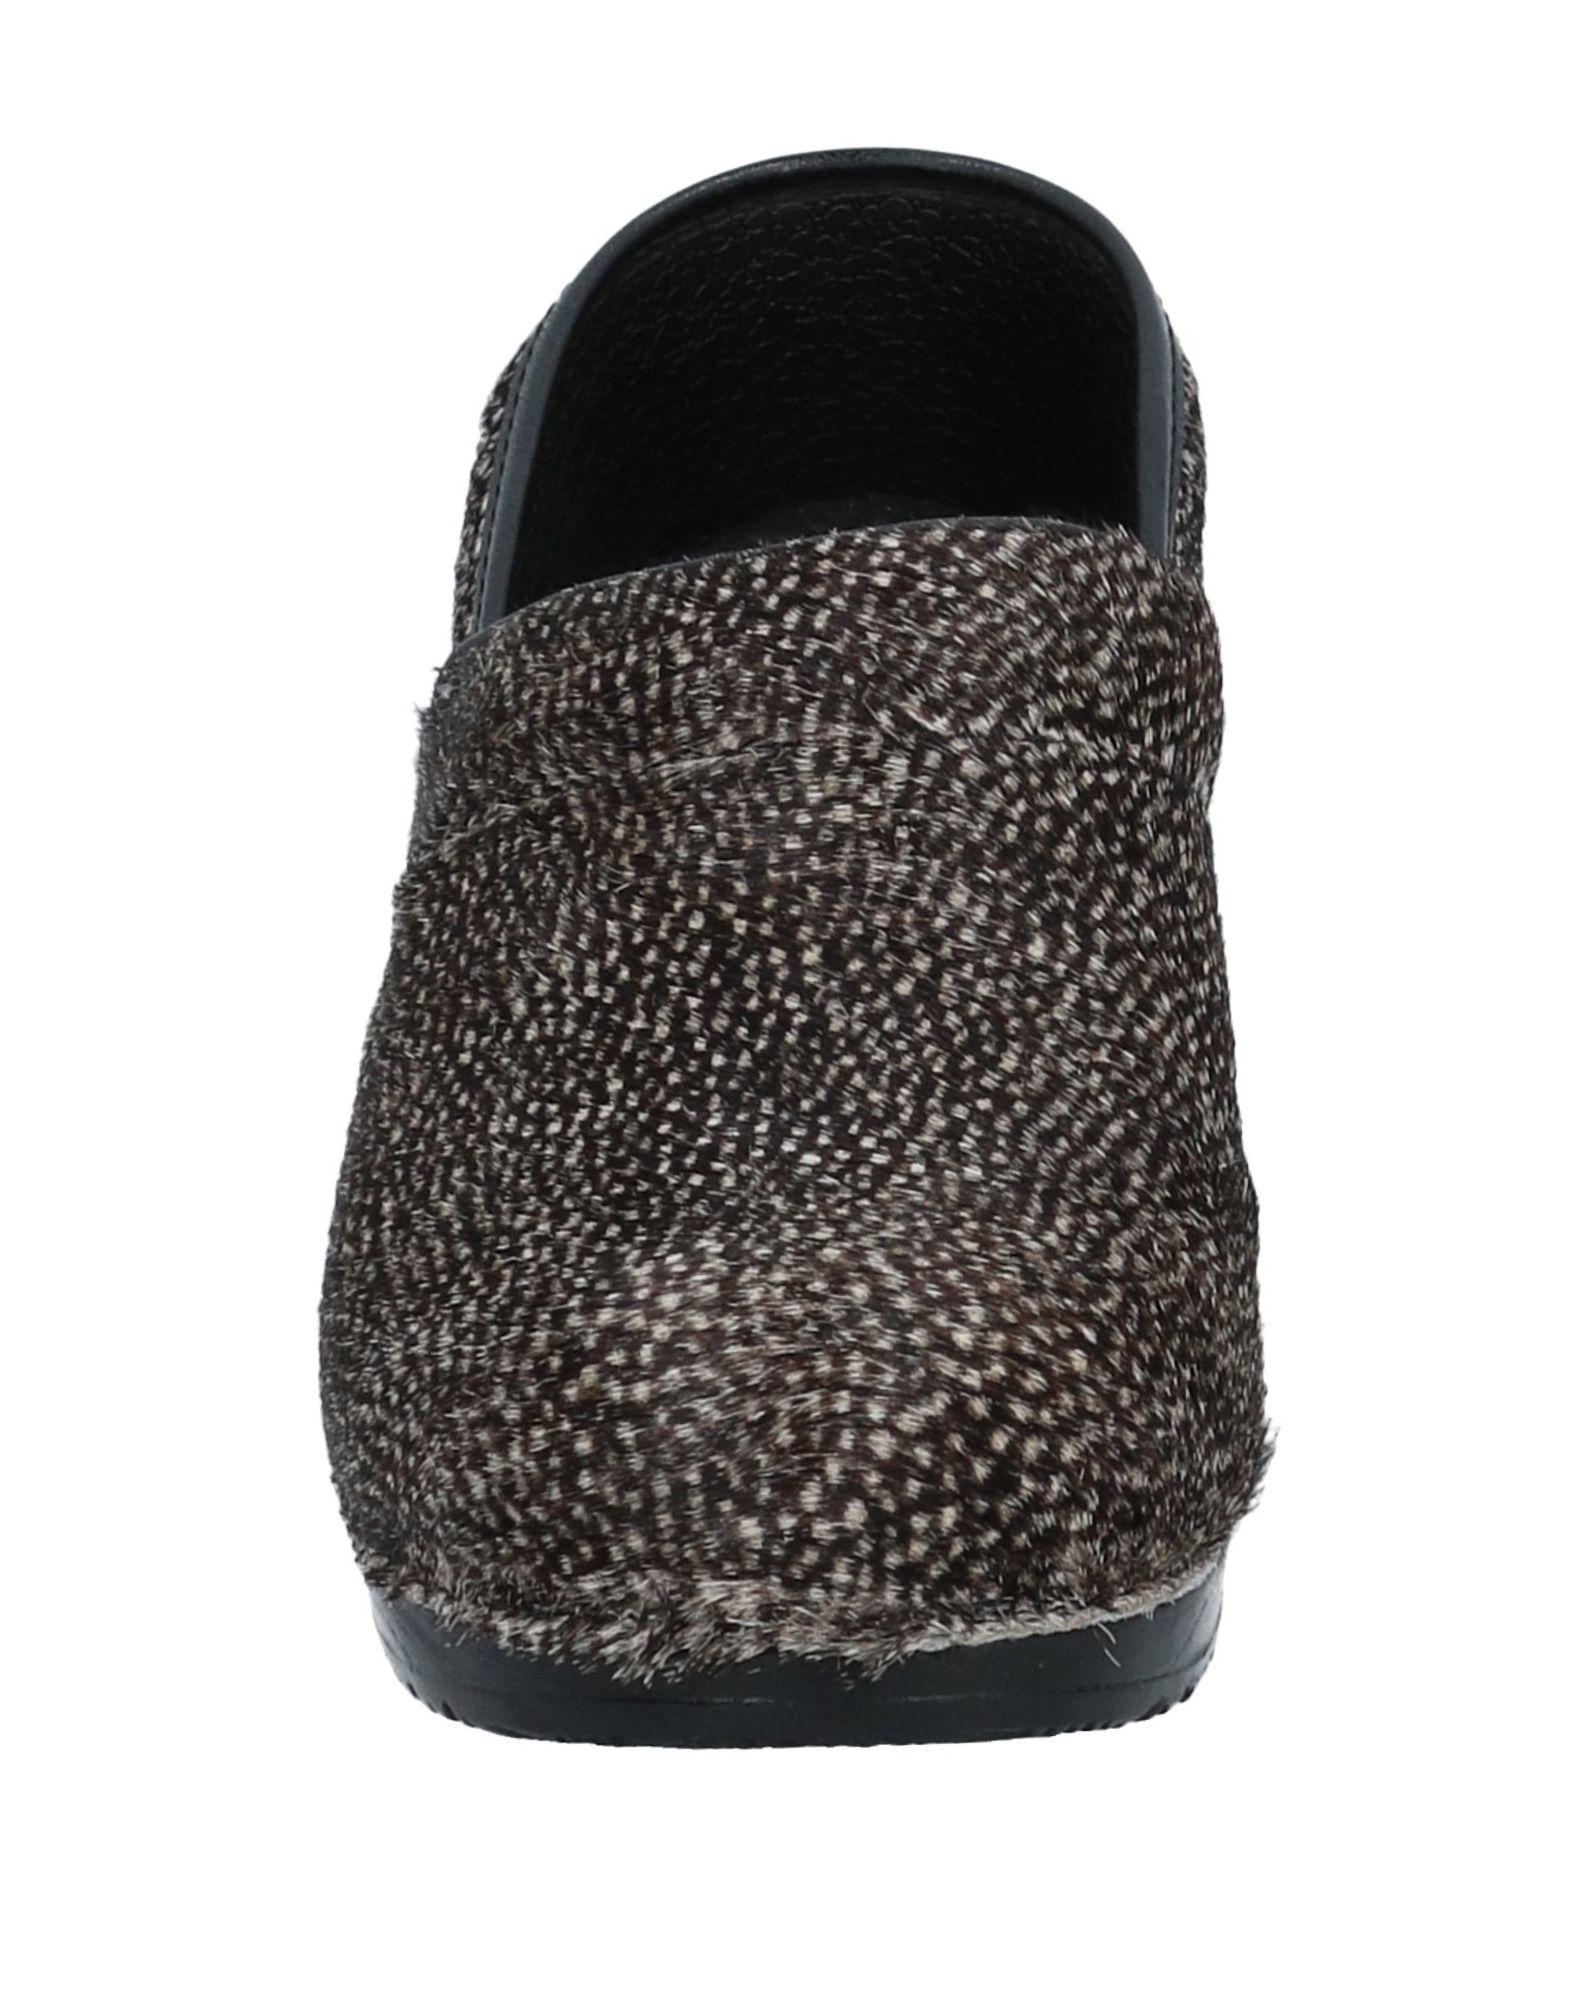 Sanita Pantoletten Damen  11521773OG Gute Qualität beliebte Schuhe